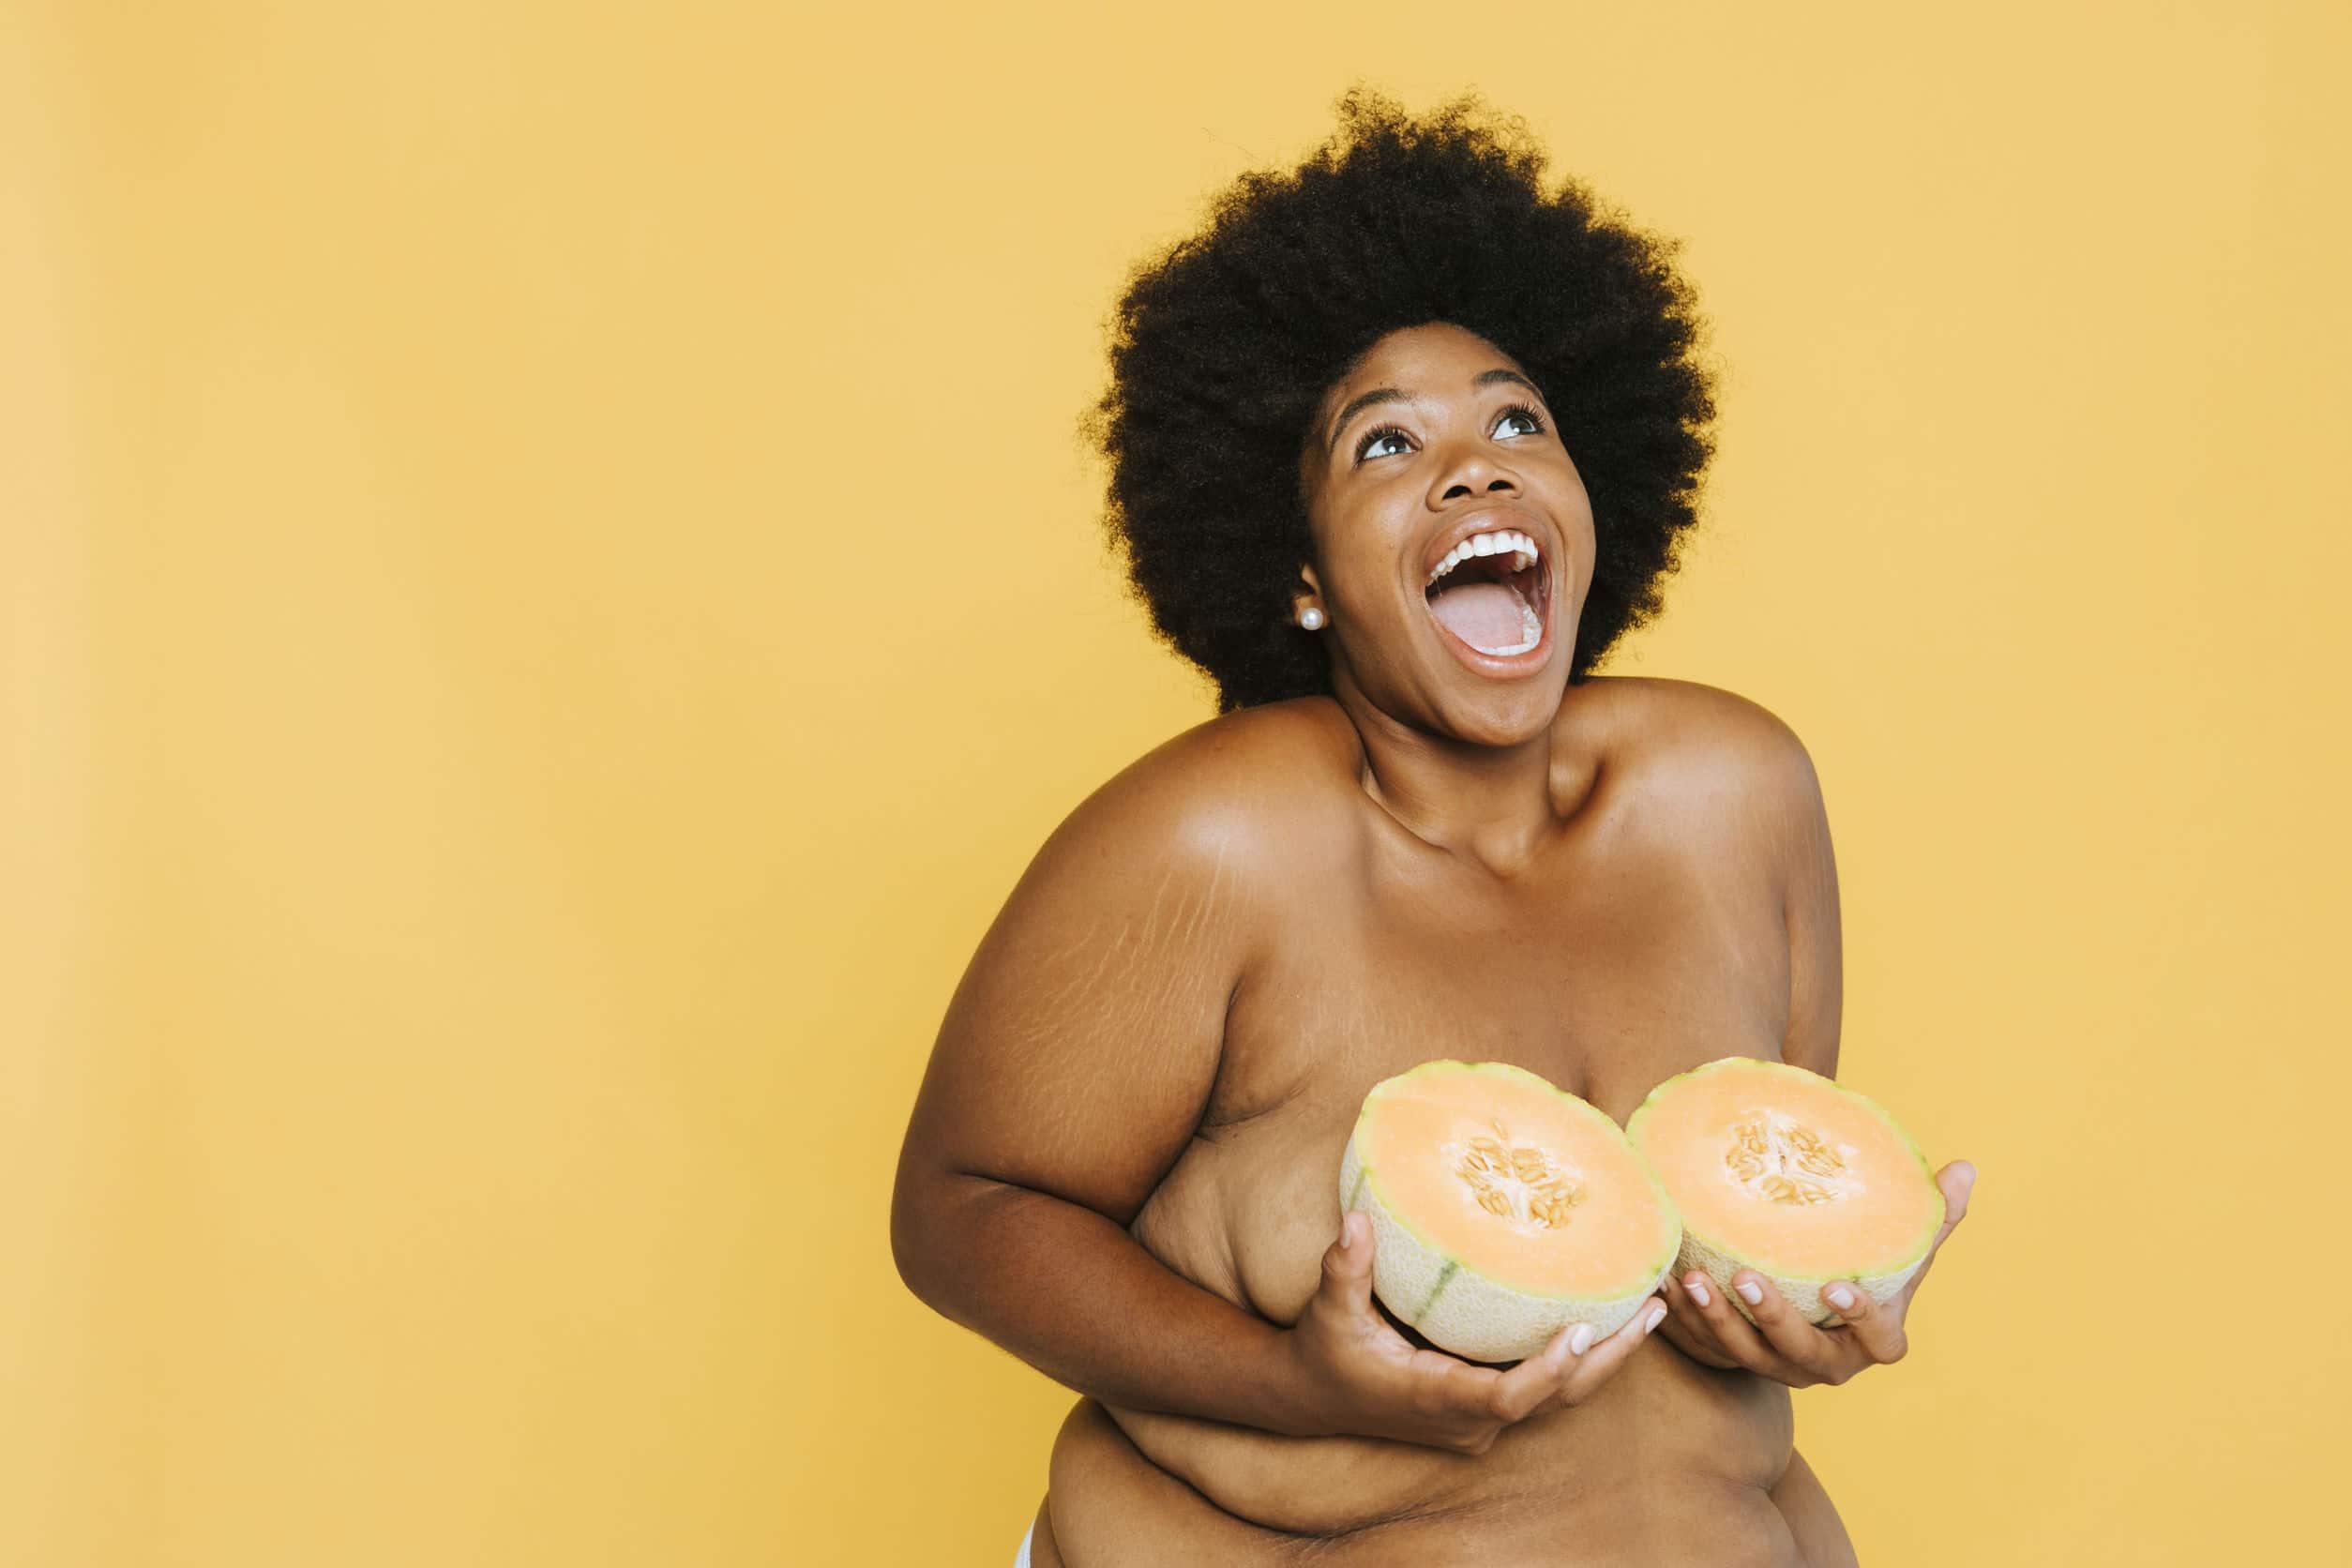 Mulher afro-americana curvilínea segurando melões no lugar dos seios